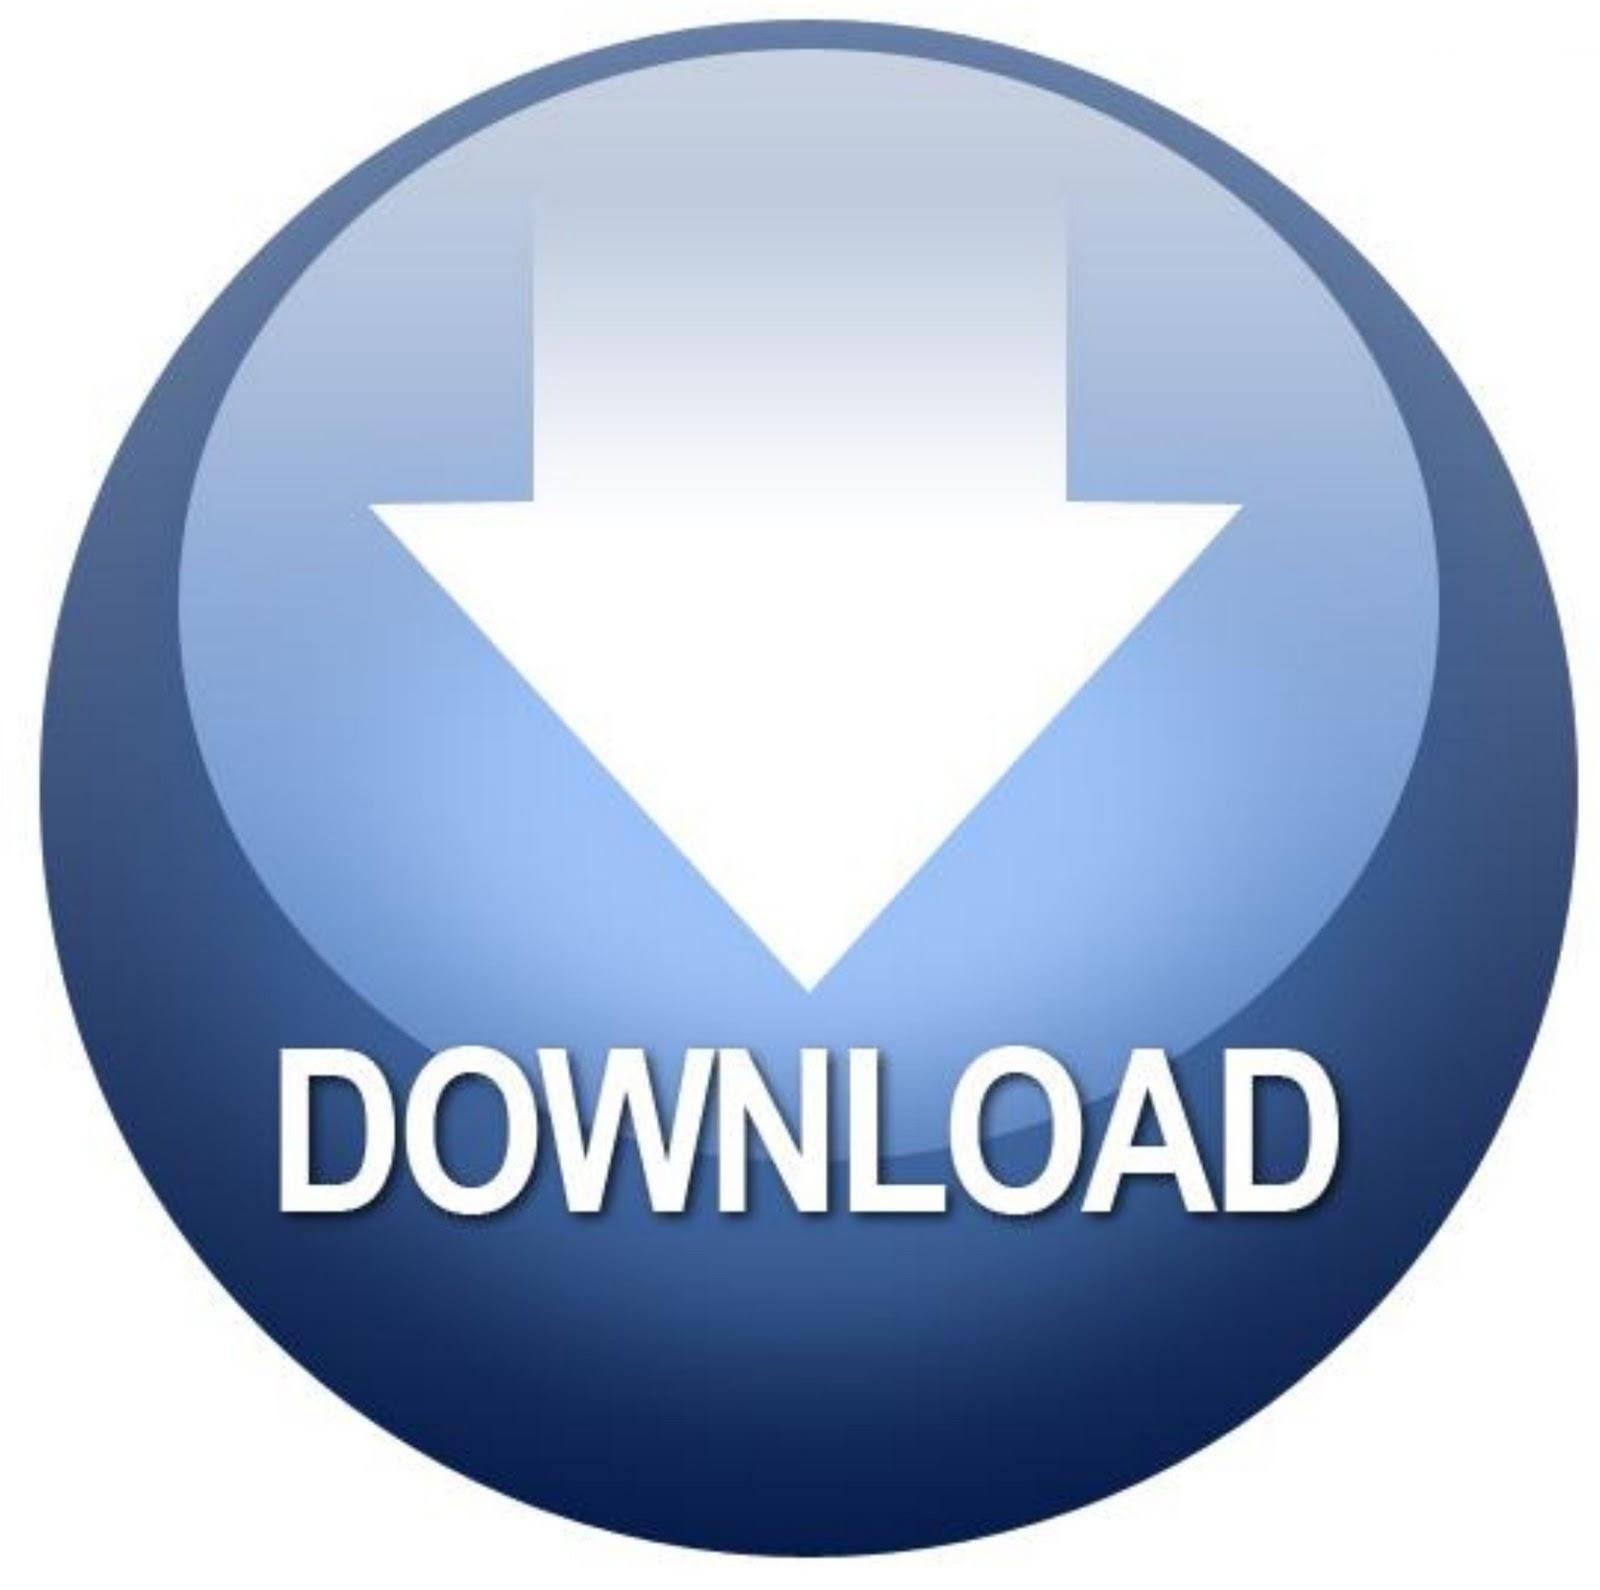 http://www.bemviver.org/audio-novos/curando1.mp3